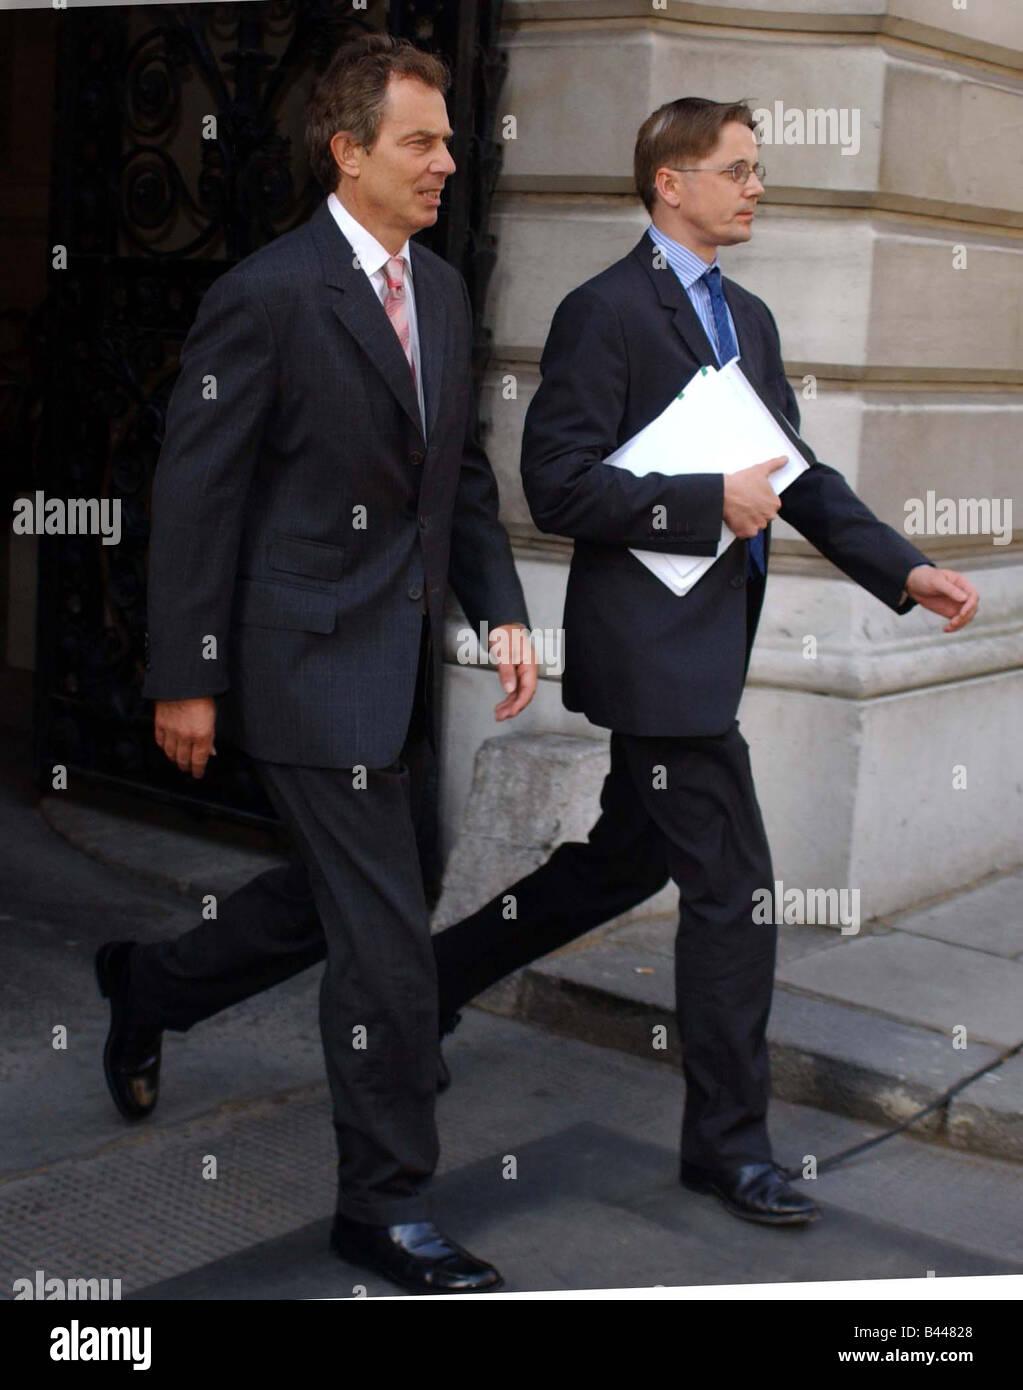 Tony Blair July 2003 - Stock Image